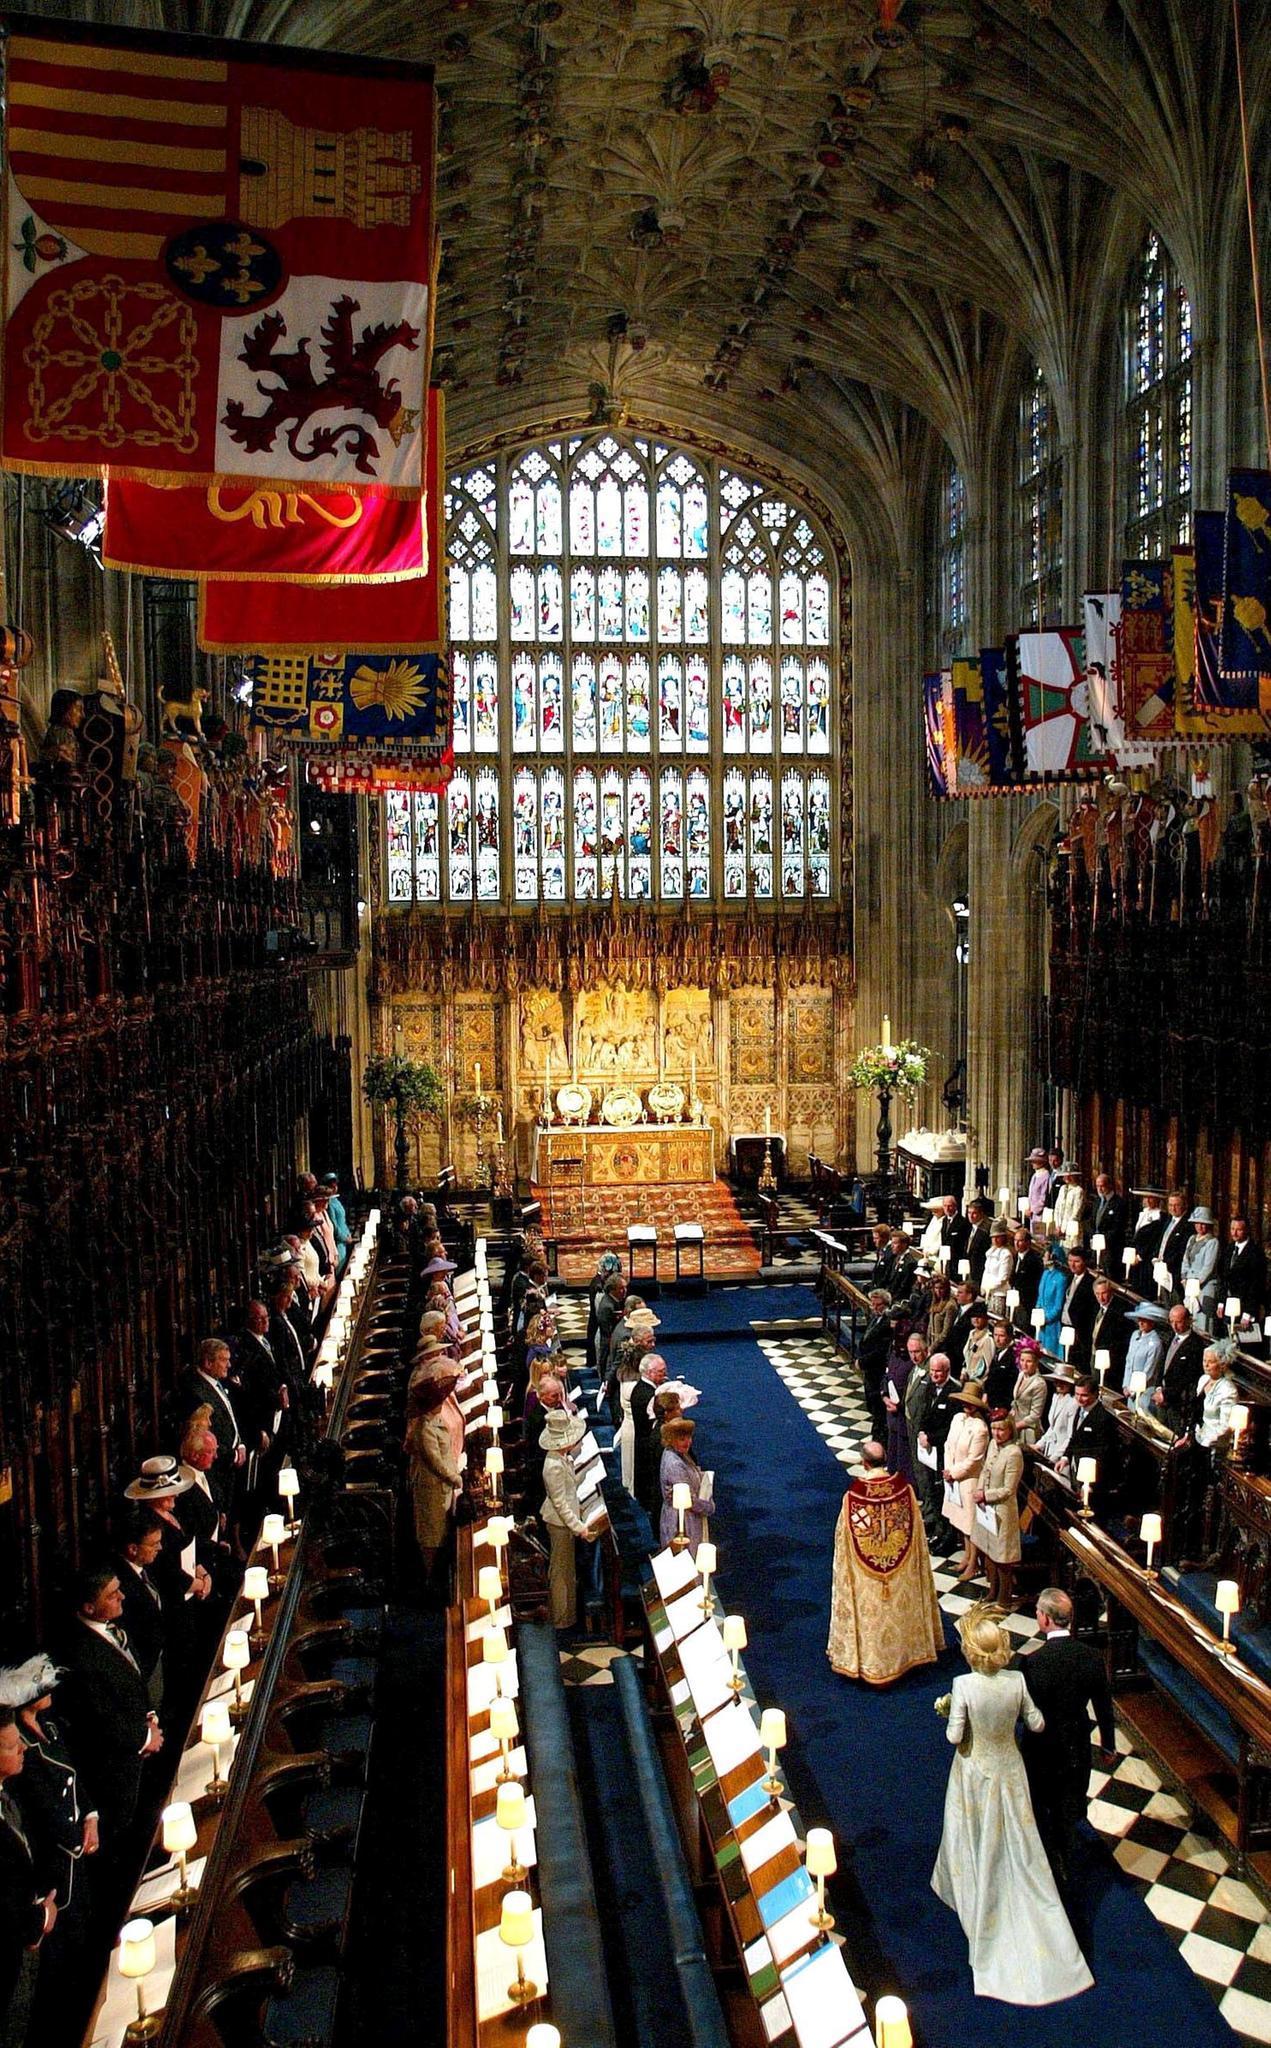 """Ein Blick in die """"St Georges Chapel"""": 2005 lassen sich Prinz Charles und seine Braut Camilla Parker-Bowles (rechts unten) hier vom Erzbischof von Canterbury segnen. Rechts vom Altar hat zu diesem Anlass die königliche Familie Platz genommen."""